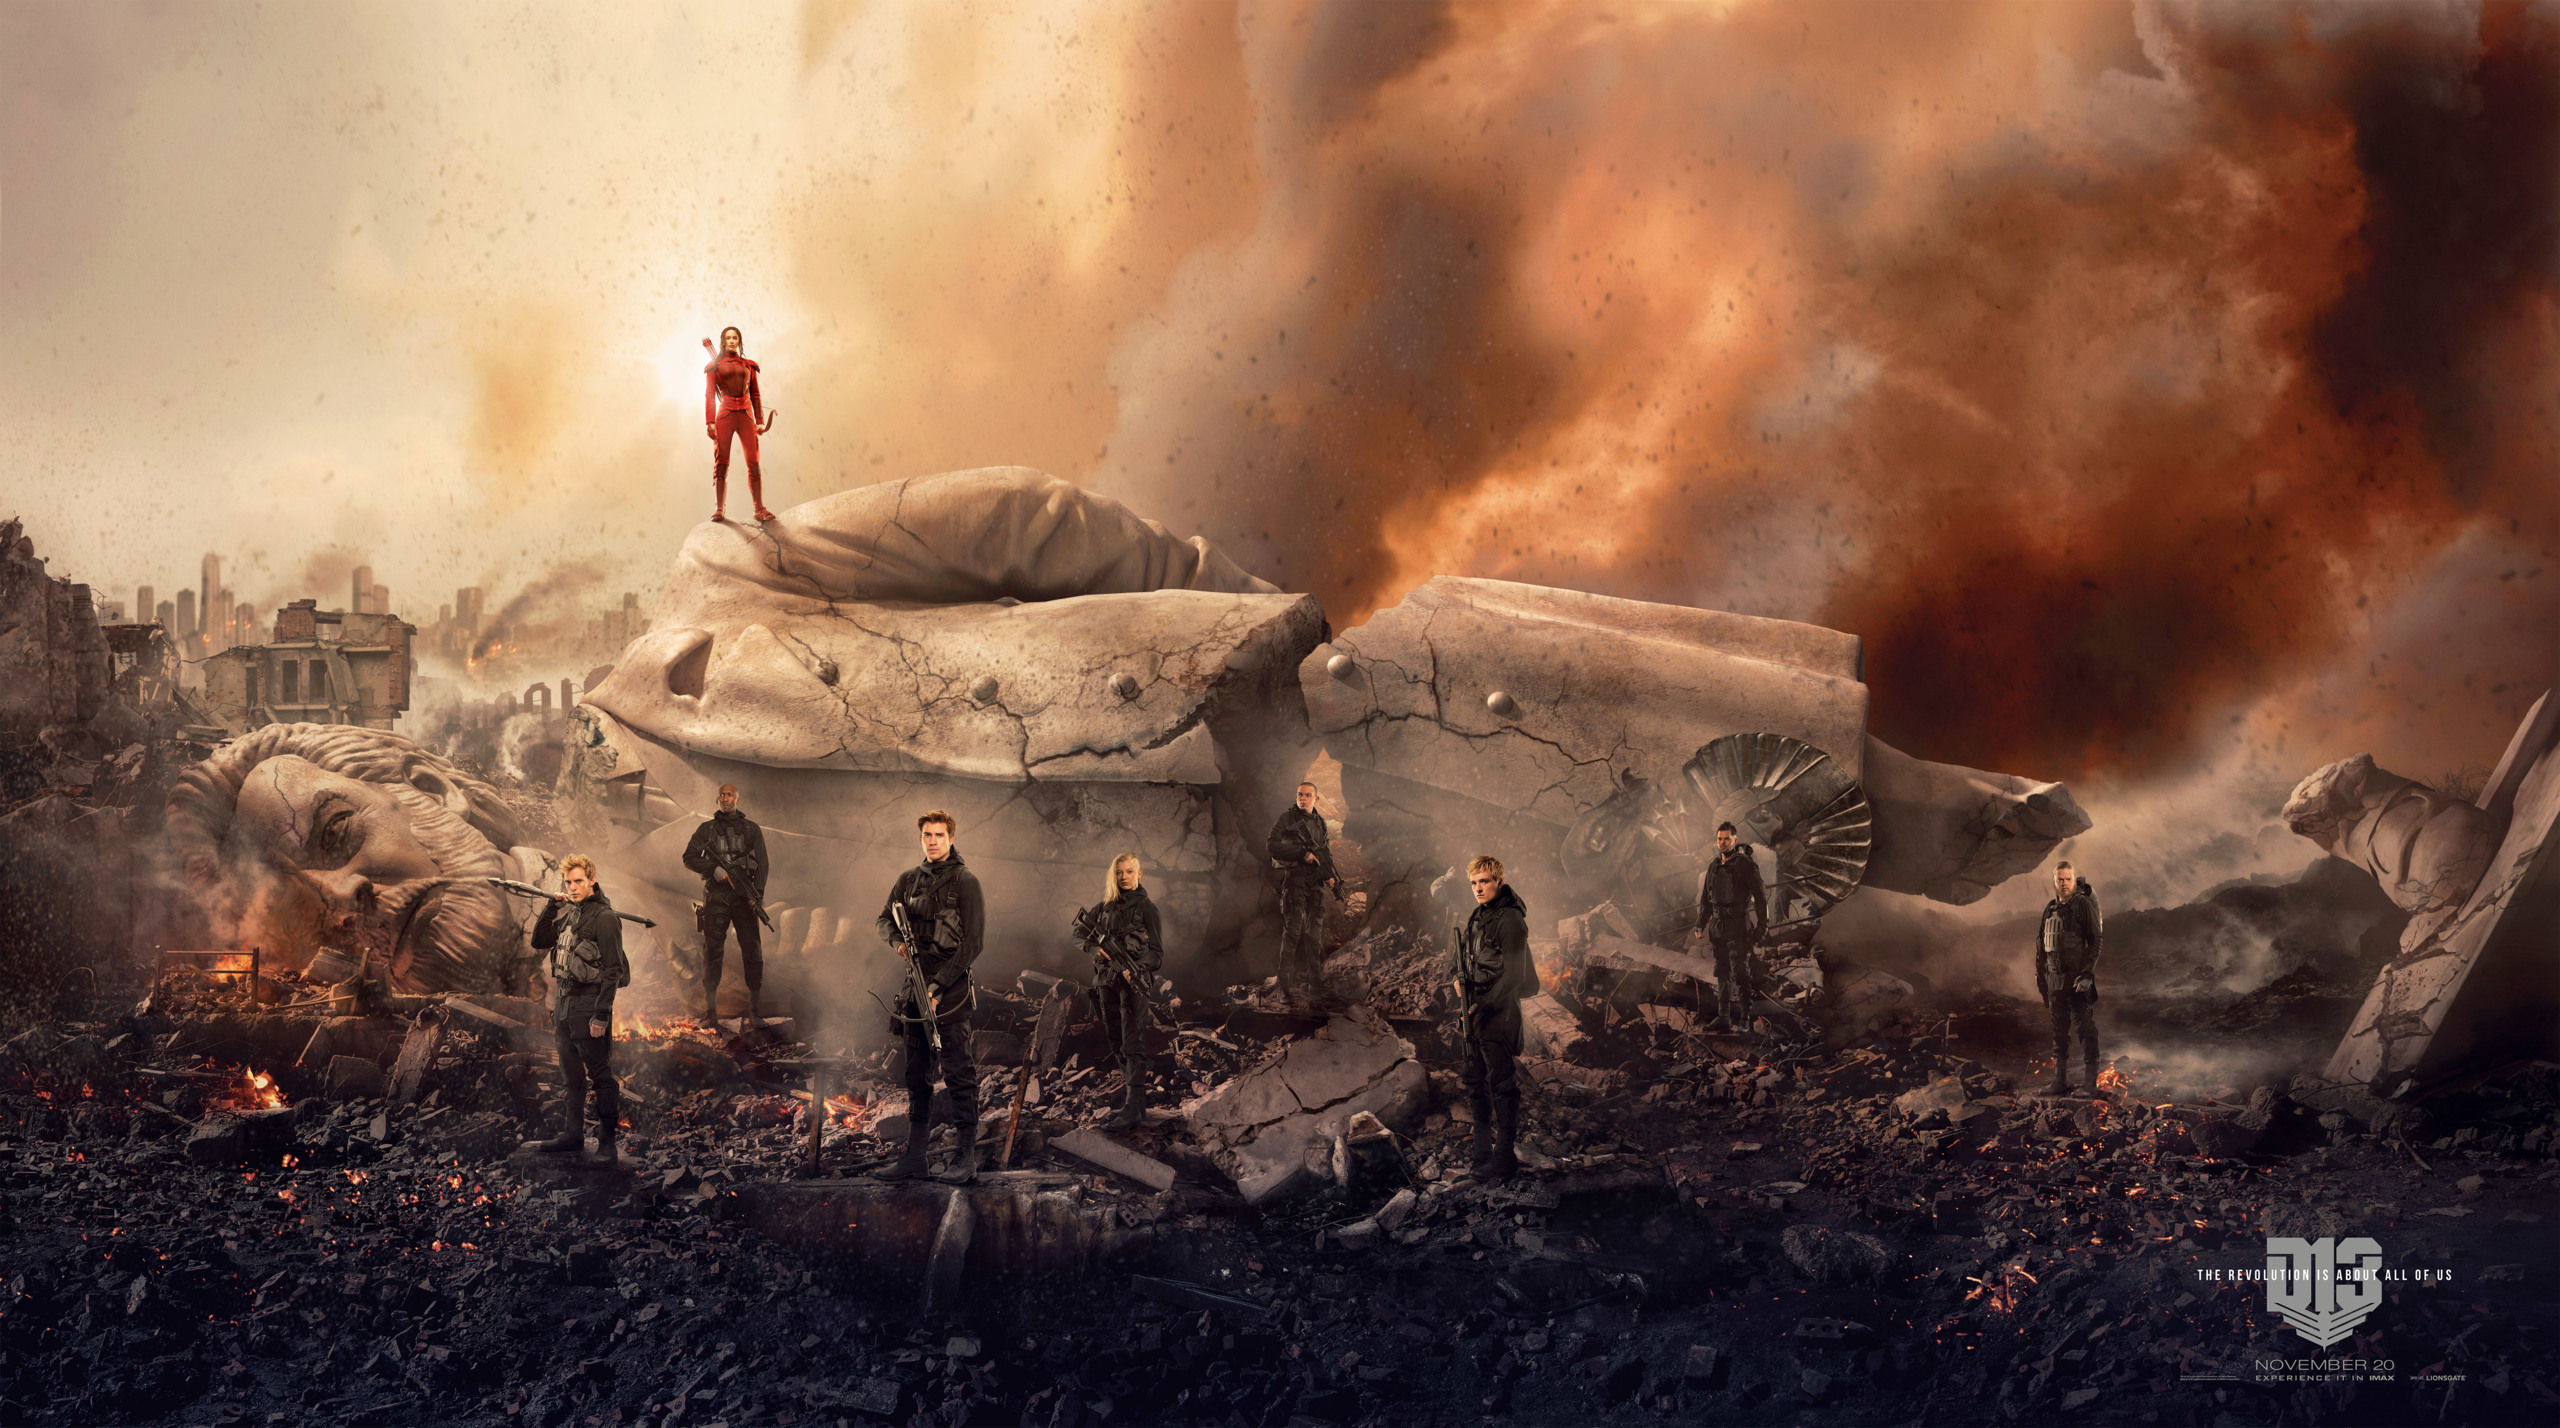 'Los Juegos del Hambre: Sinsajo - Parte 2', póster banner gigante del final de la saga